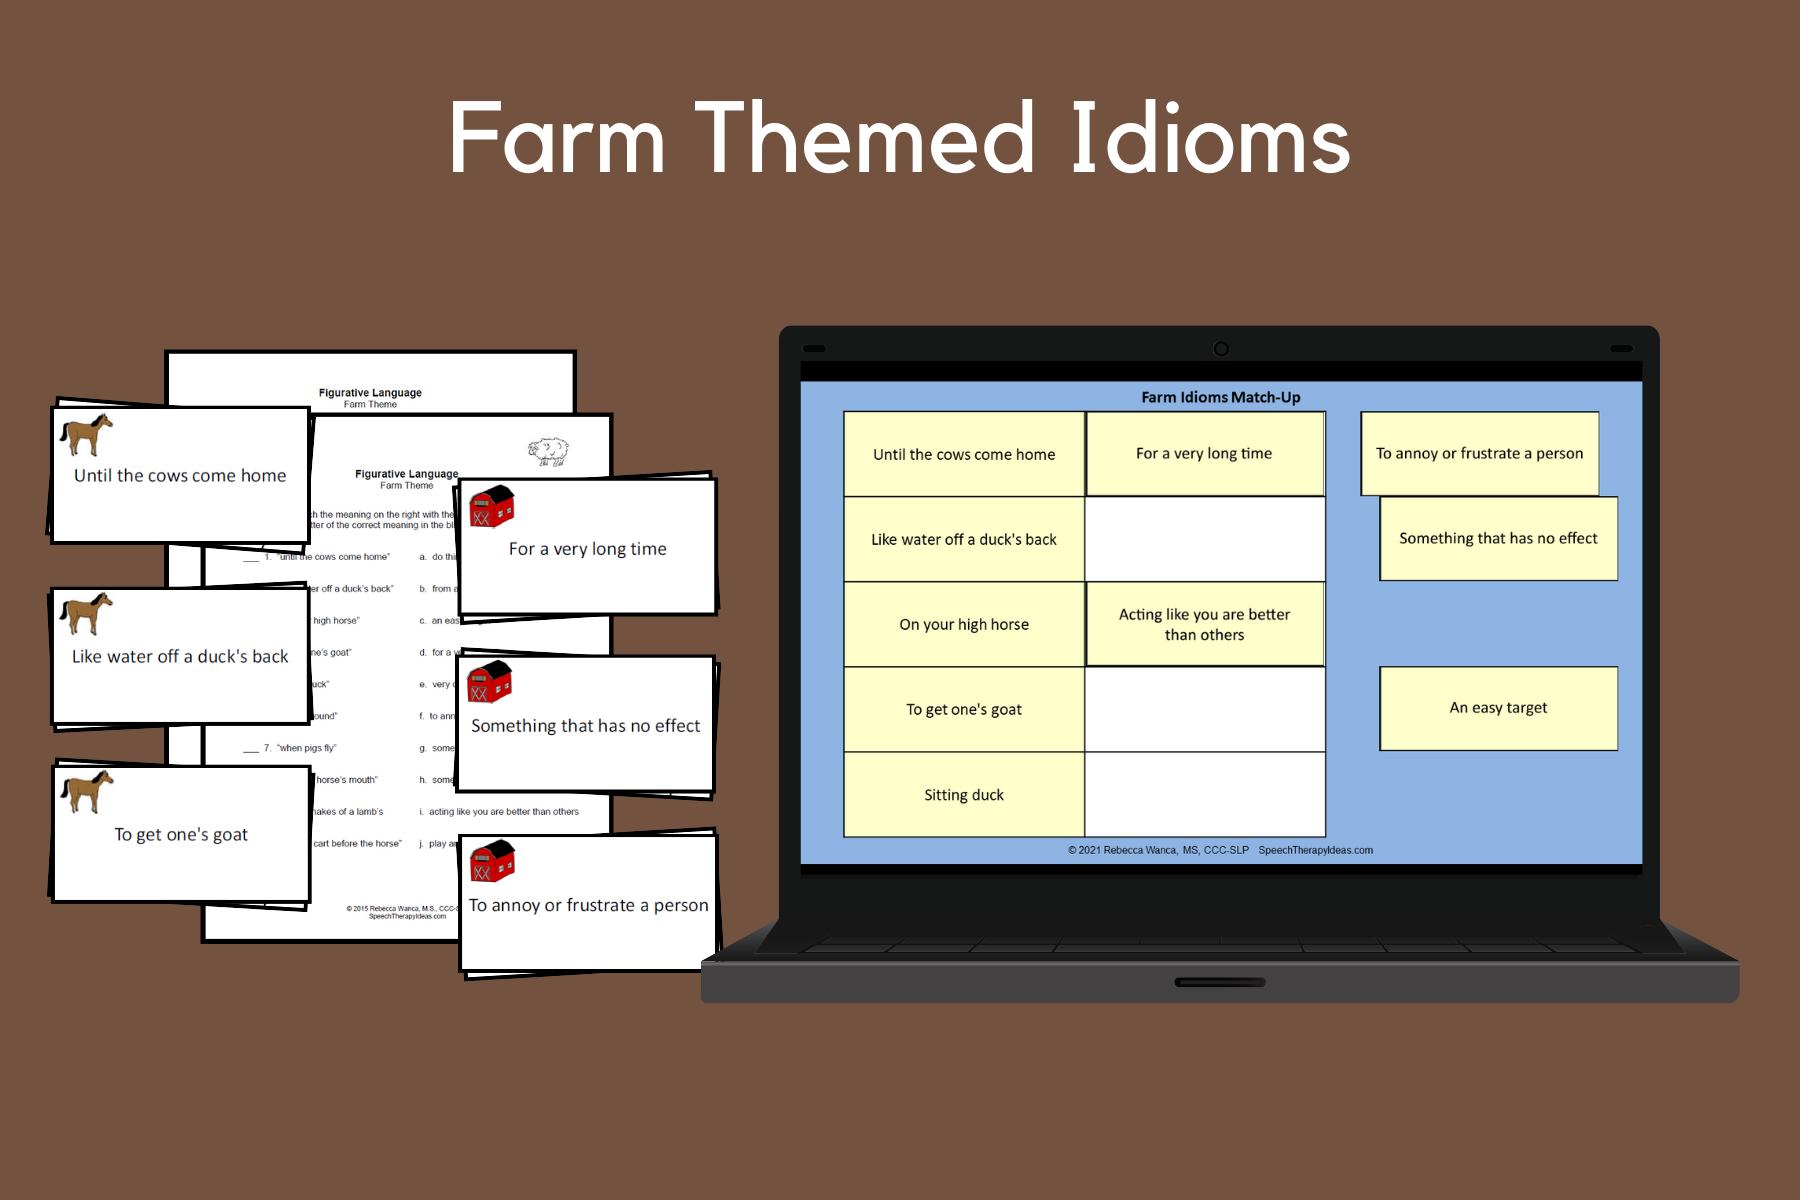 Farm Themed Idioms